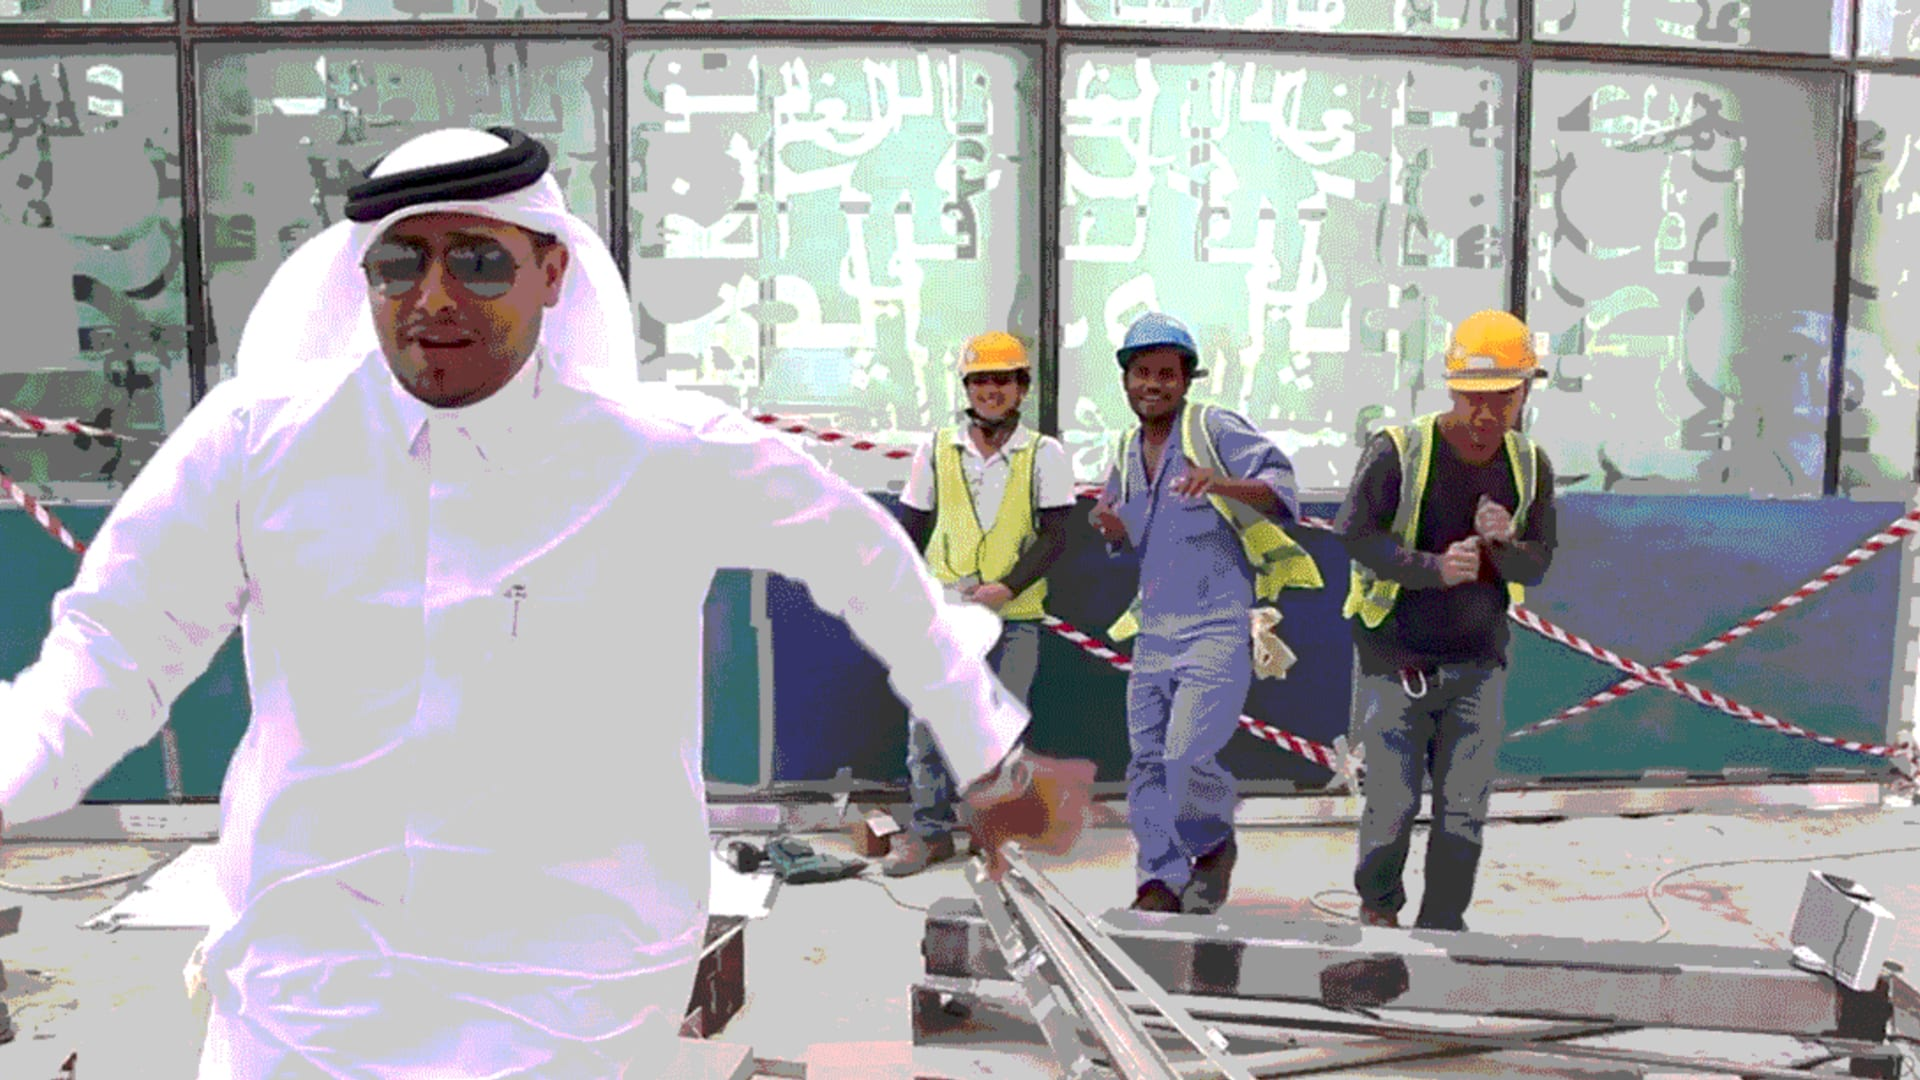 """يوتيوب: ملك السعودية يصف شعبه بـ""""الشقيق"""" وسما المصري """"تترحم على الإخوان"""""""